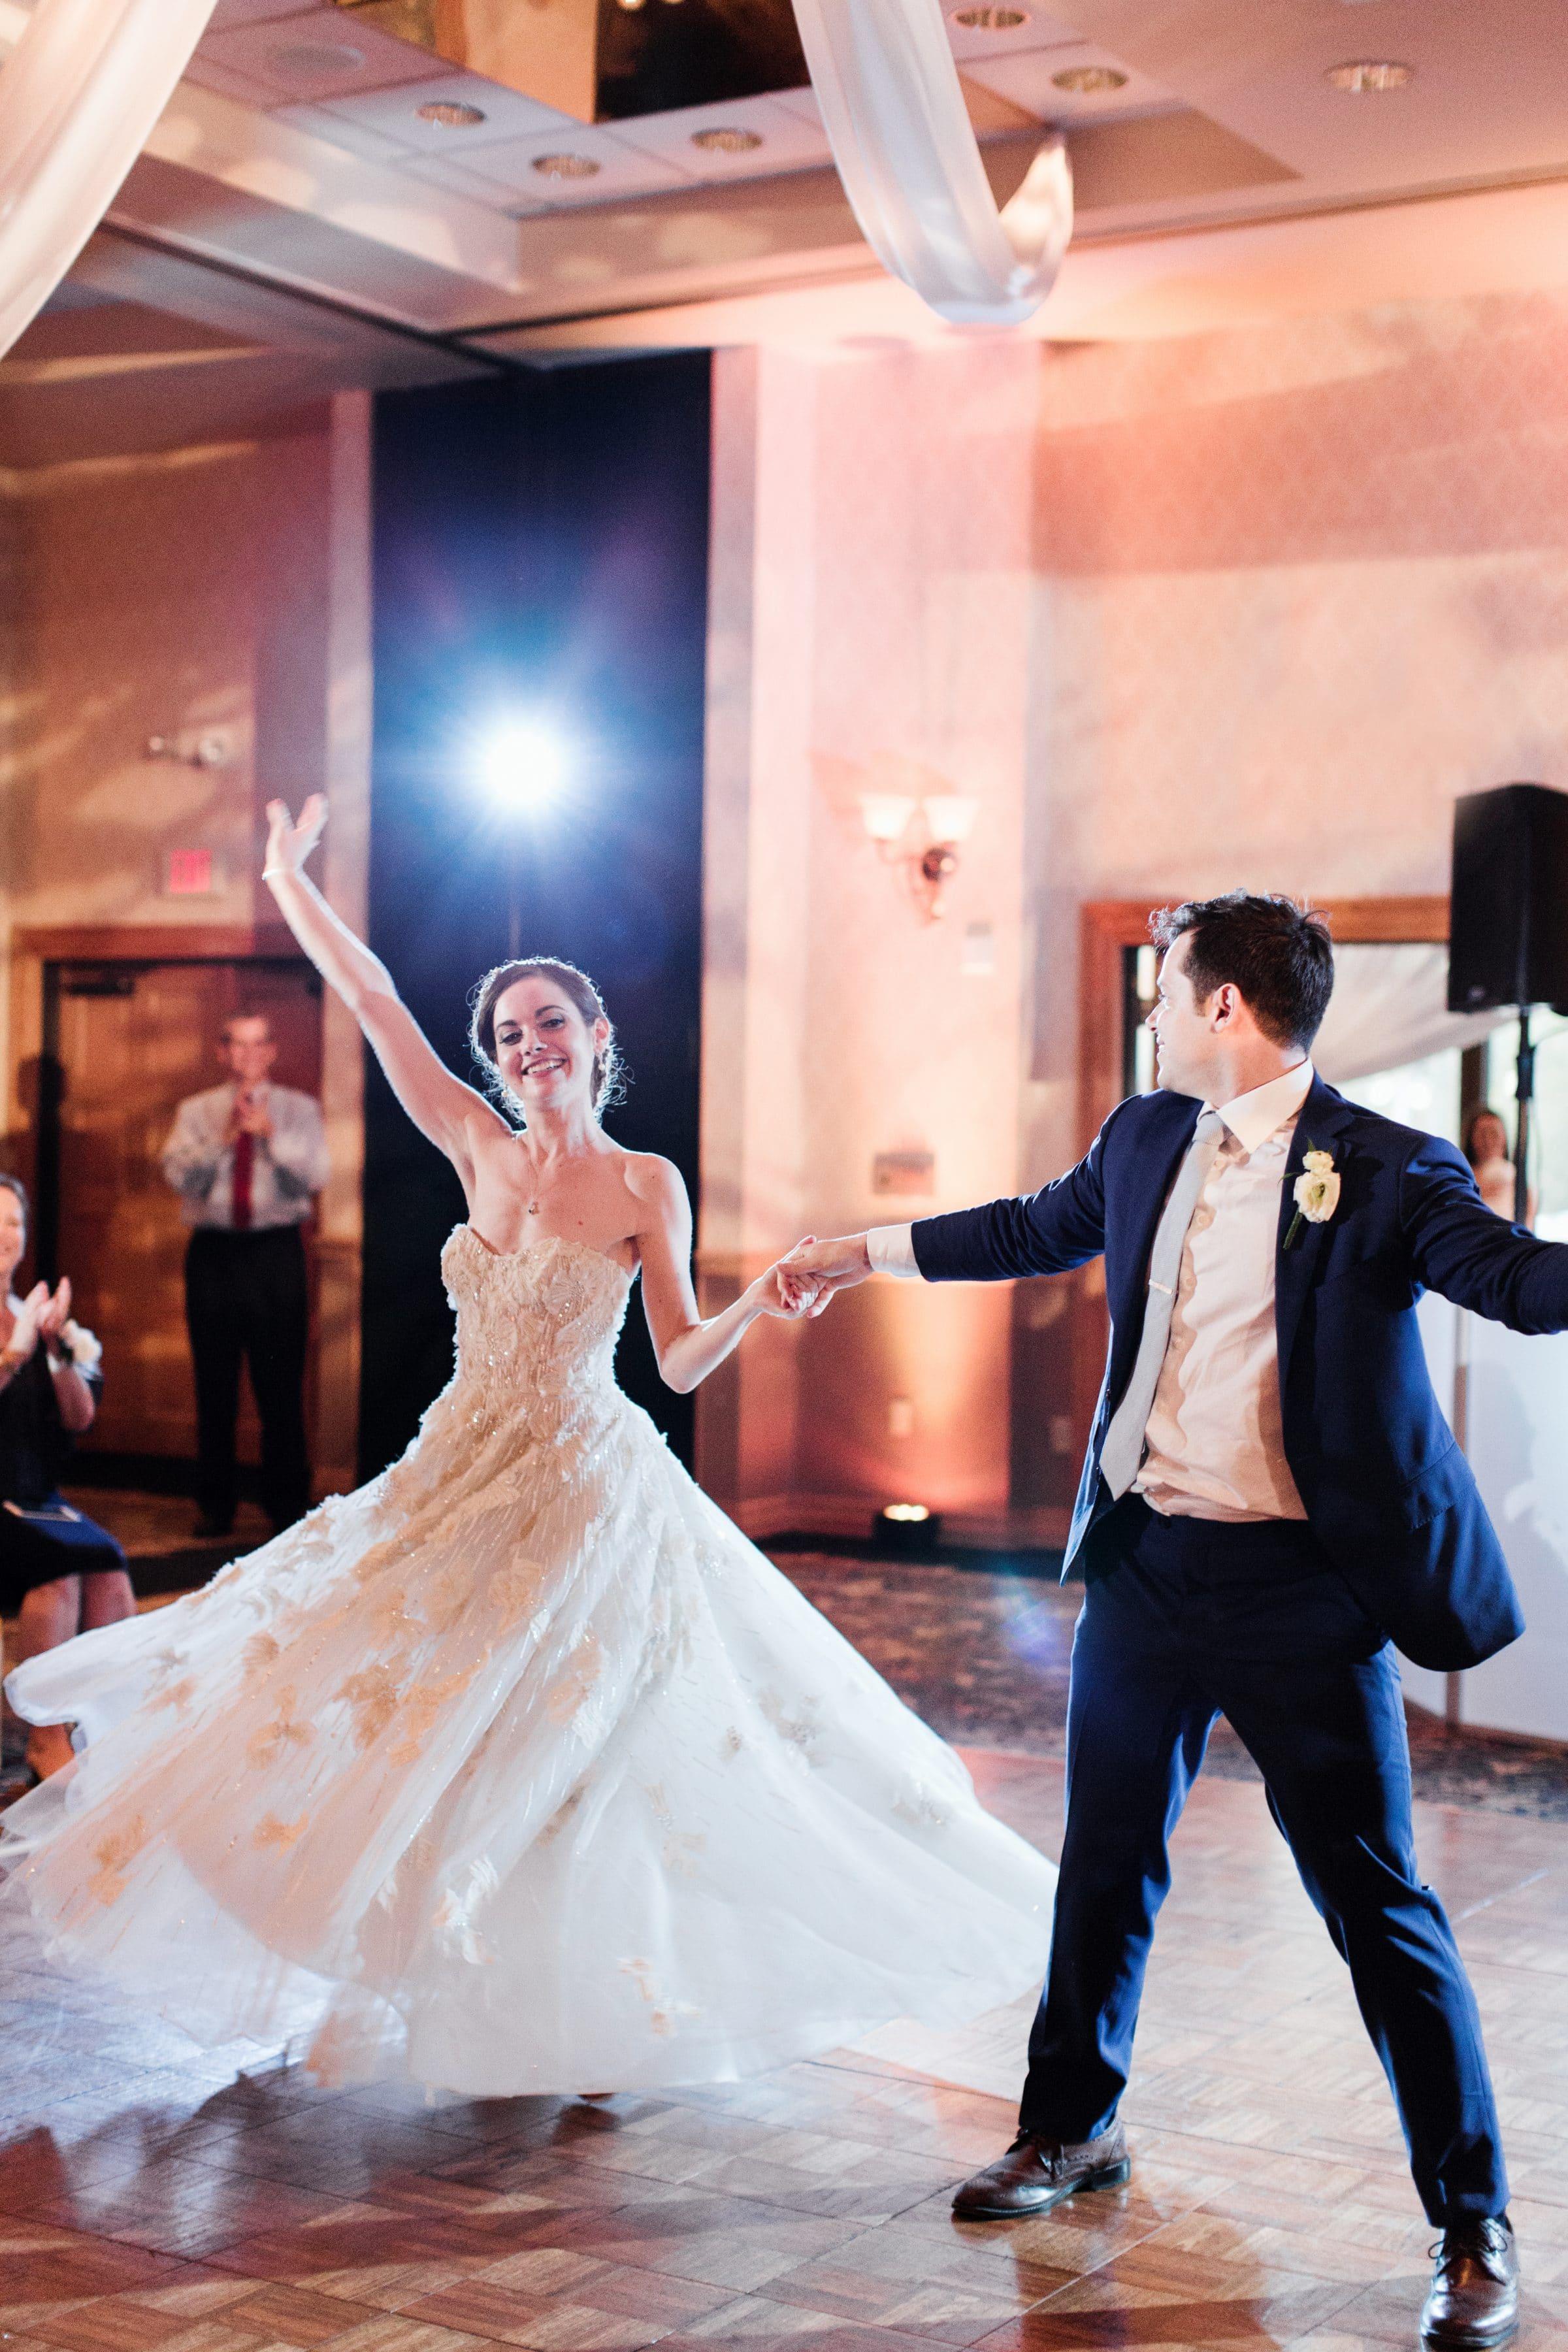 Groom twirling bride dramatically on dance floor at Mission Inn wedding reception